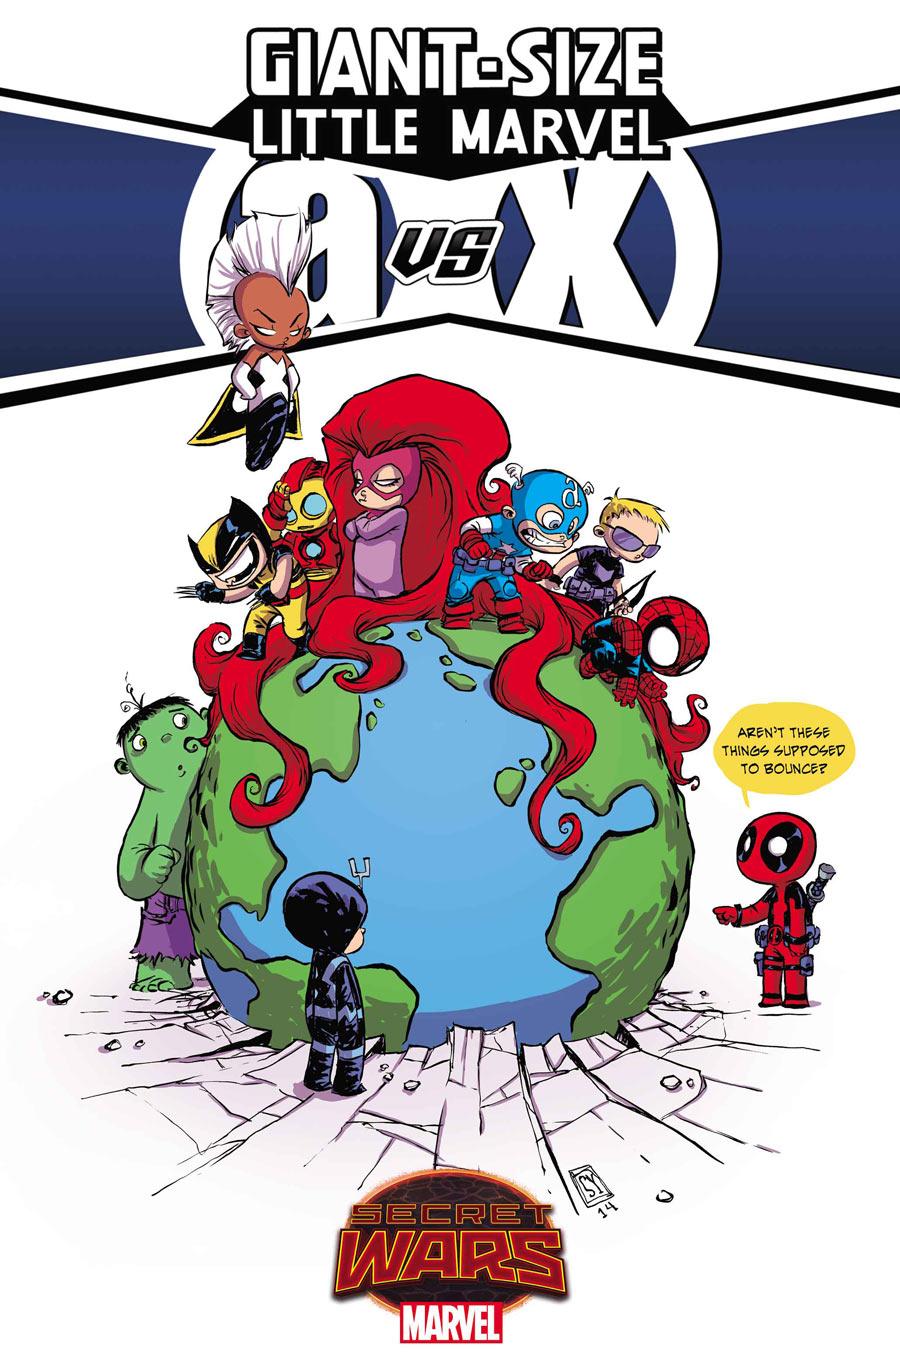 Giant Size: Little Marvel: AvX #1, variant cover B